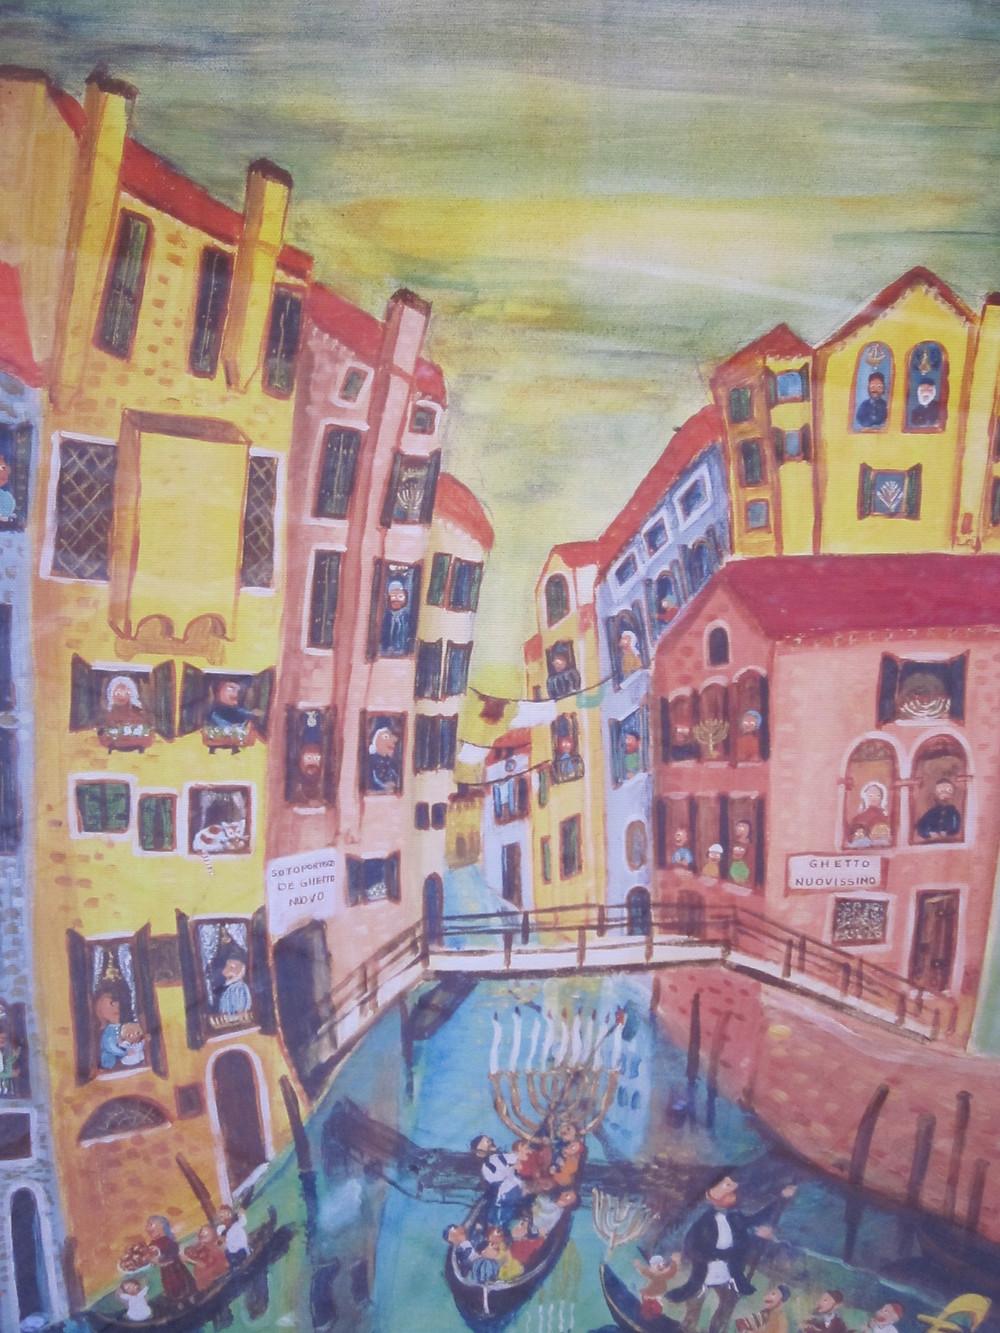 Venice's Ghetto